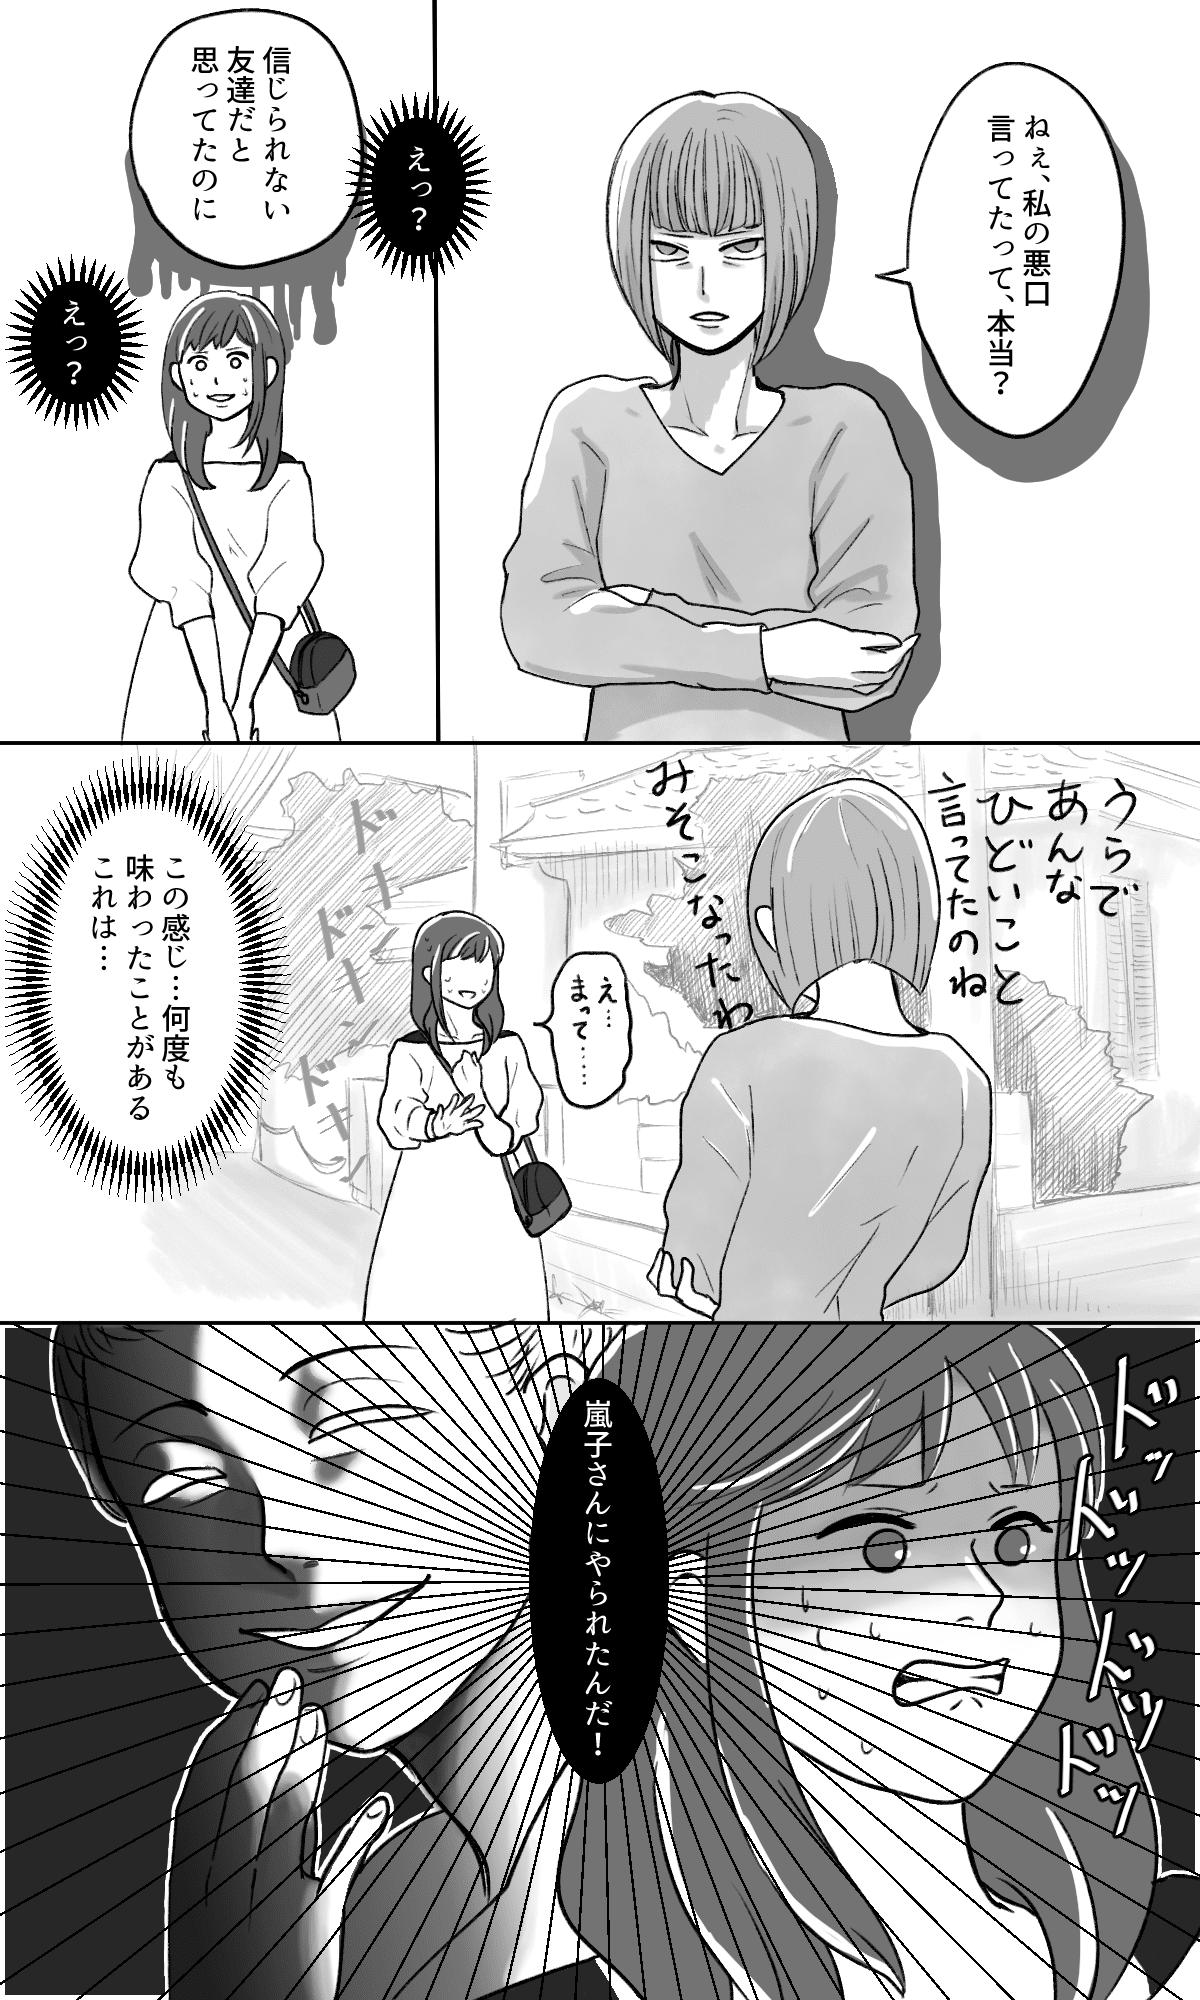 嵐子さん1